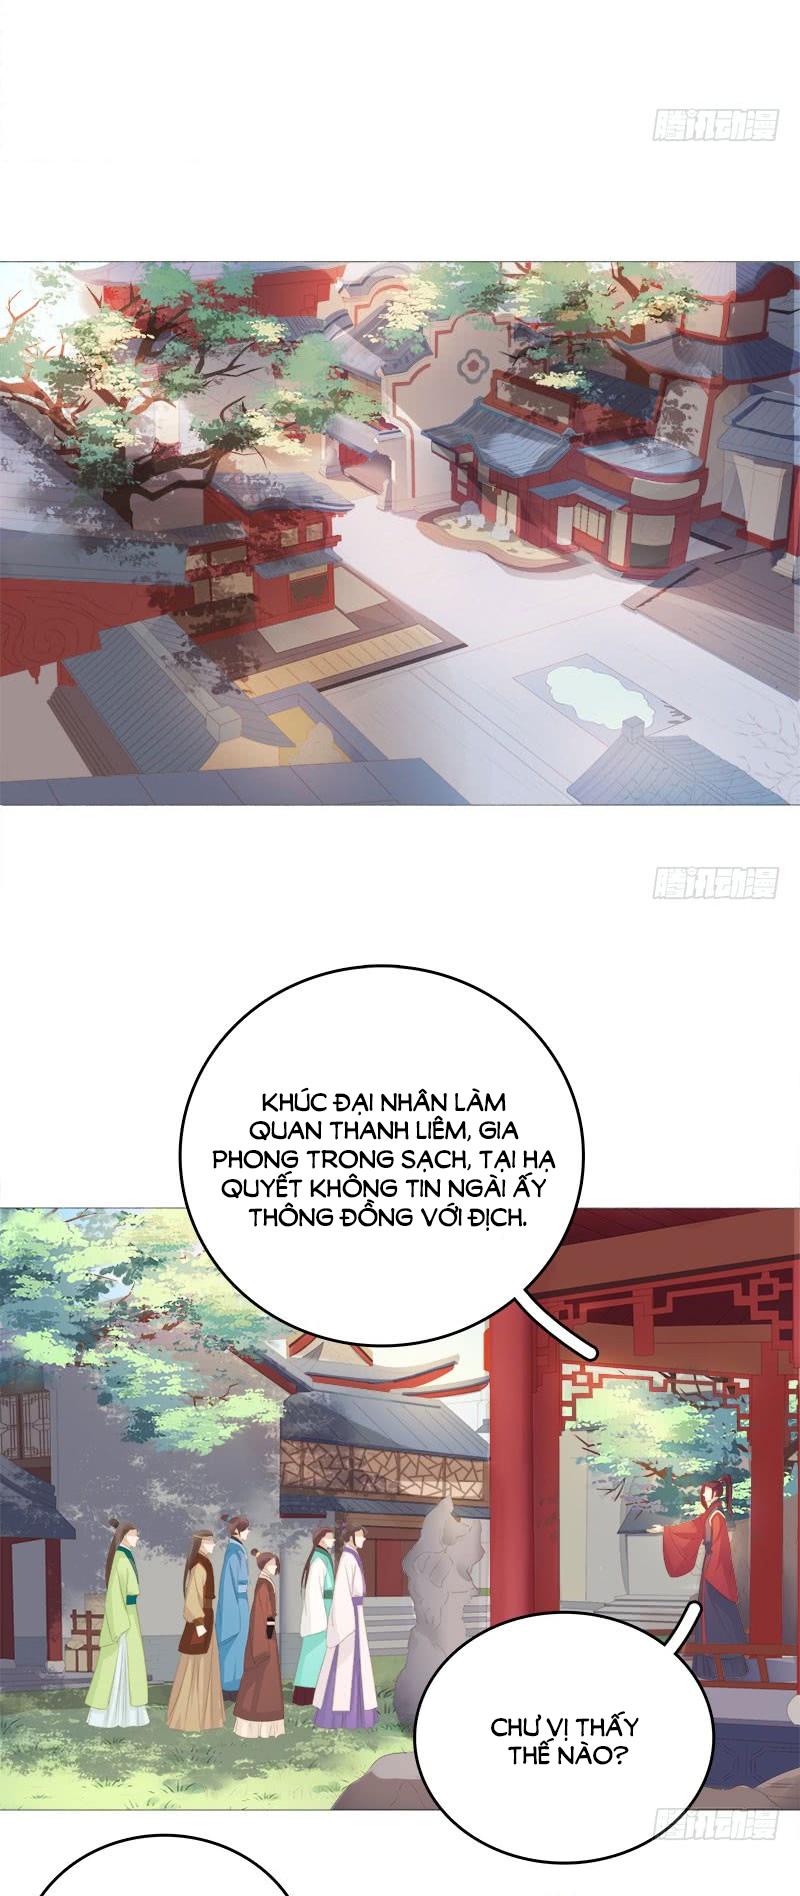 Xuân Khuê Bí Lục: Xưởng Công Thái Liêu Nhân chap 26 - Trang 8